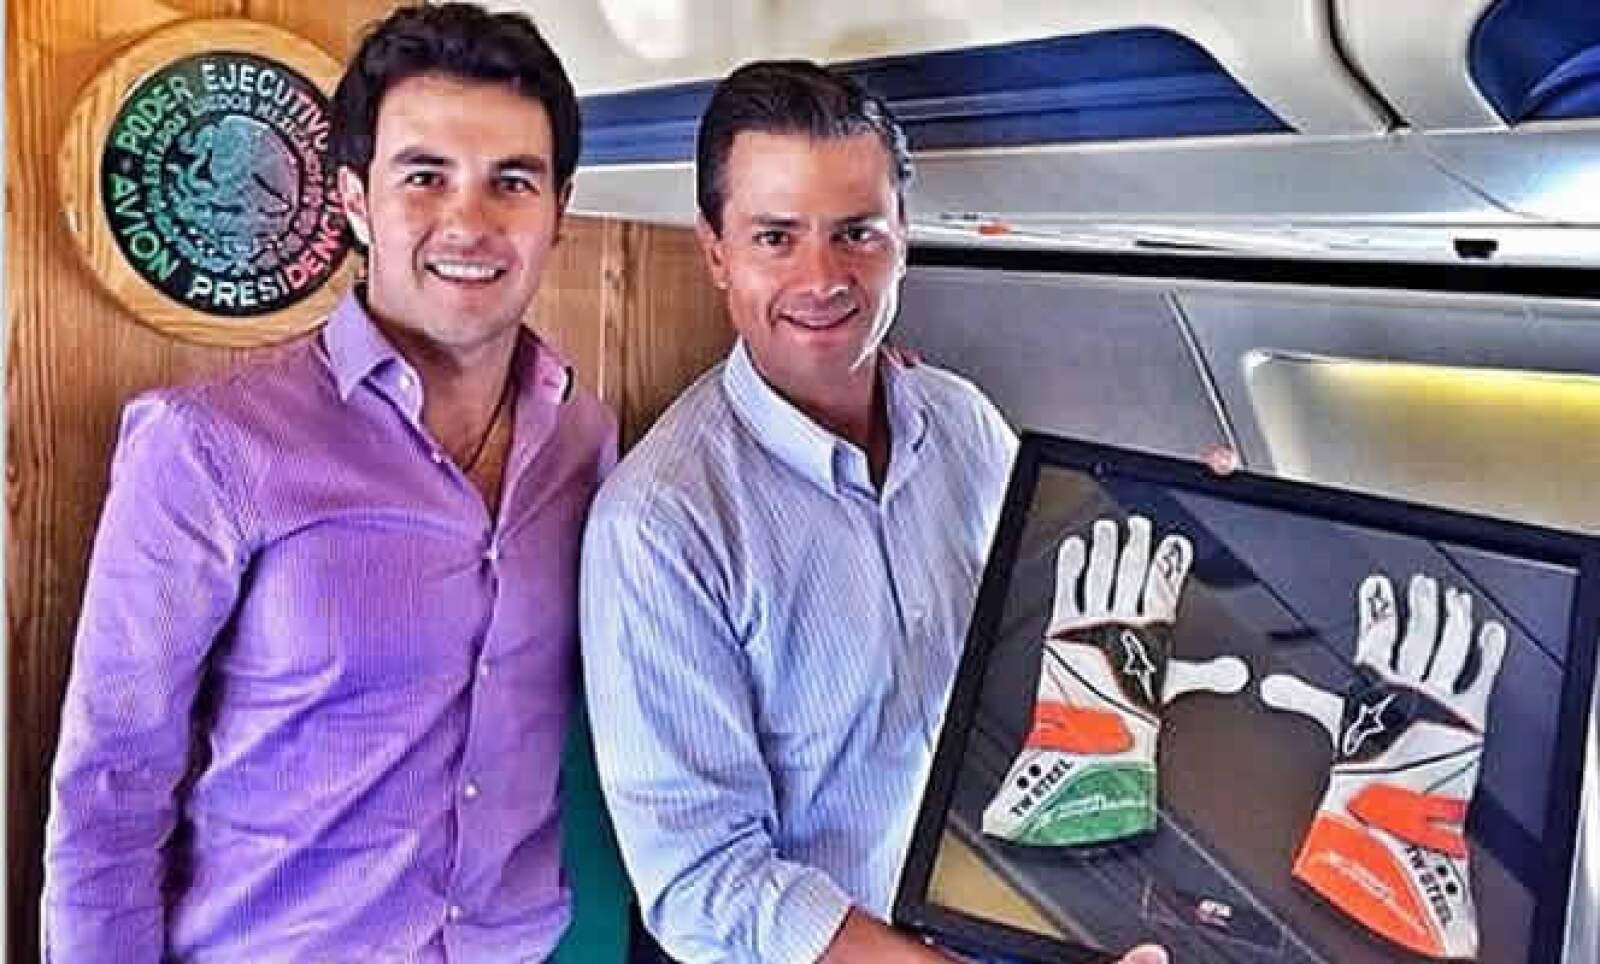 El llamado 'Checo' y Peña Nieto se agradecieron mutuamente la compañía a través de redes sociales.